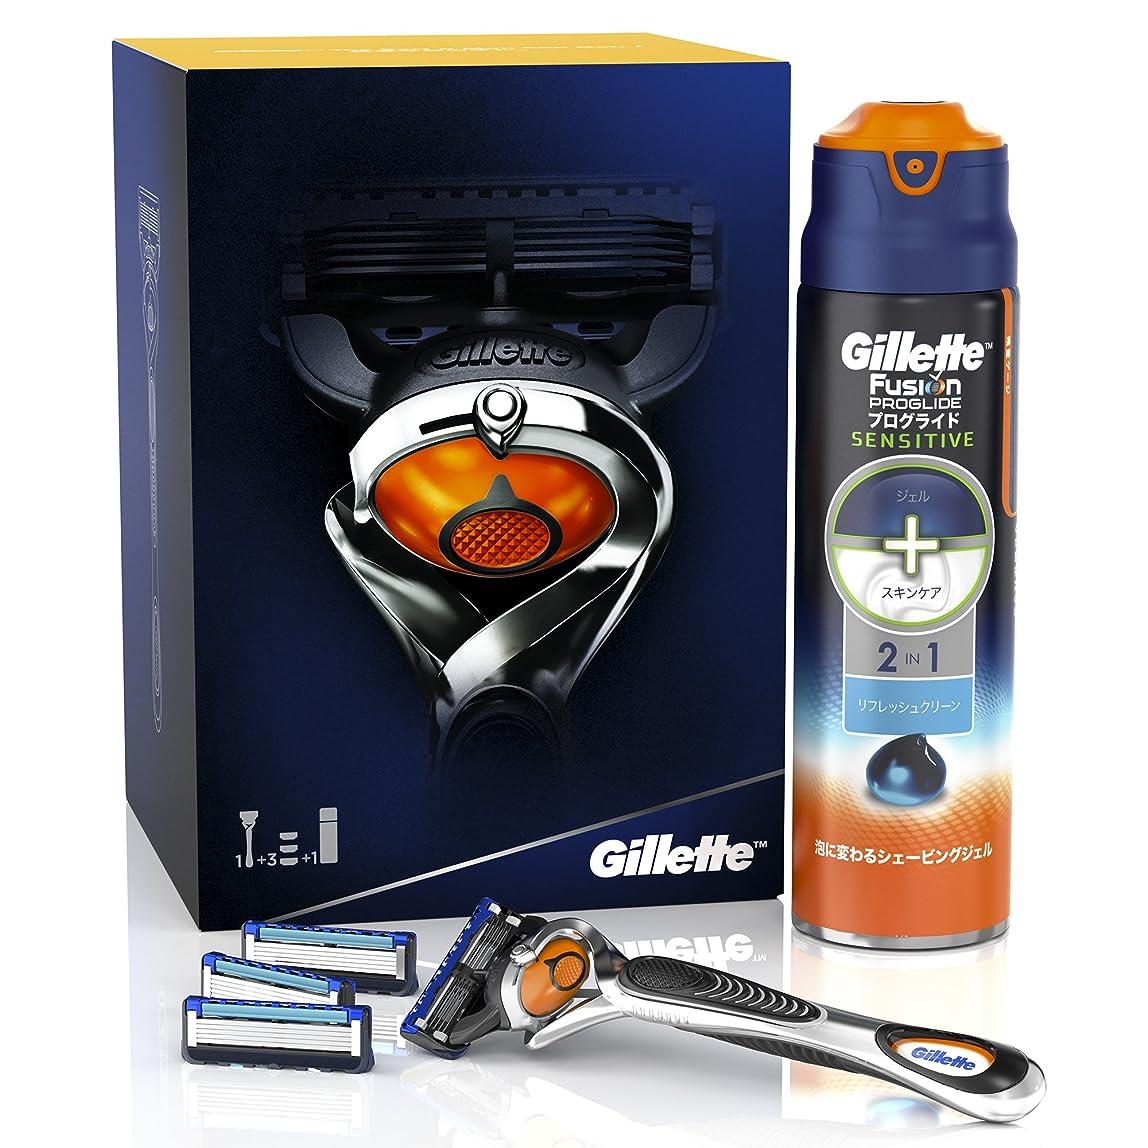 先生繁雑溶かすジレット 髭剃りプログライドギフトセット (マニュアルホルダー+ 替刃3個 + ジェルフォーム リフレッシュクリーン 168g)